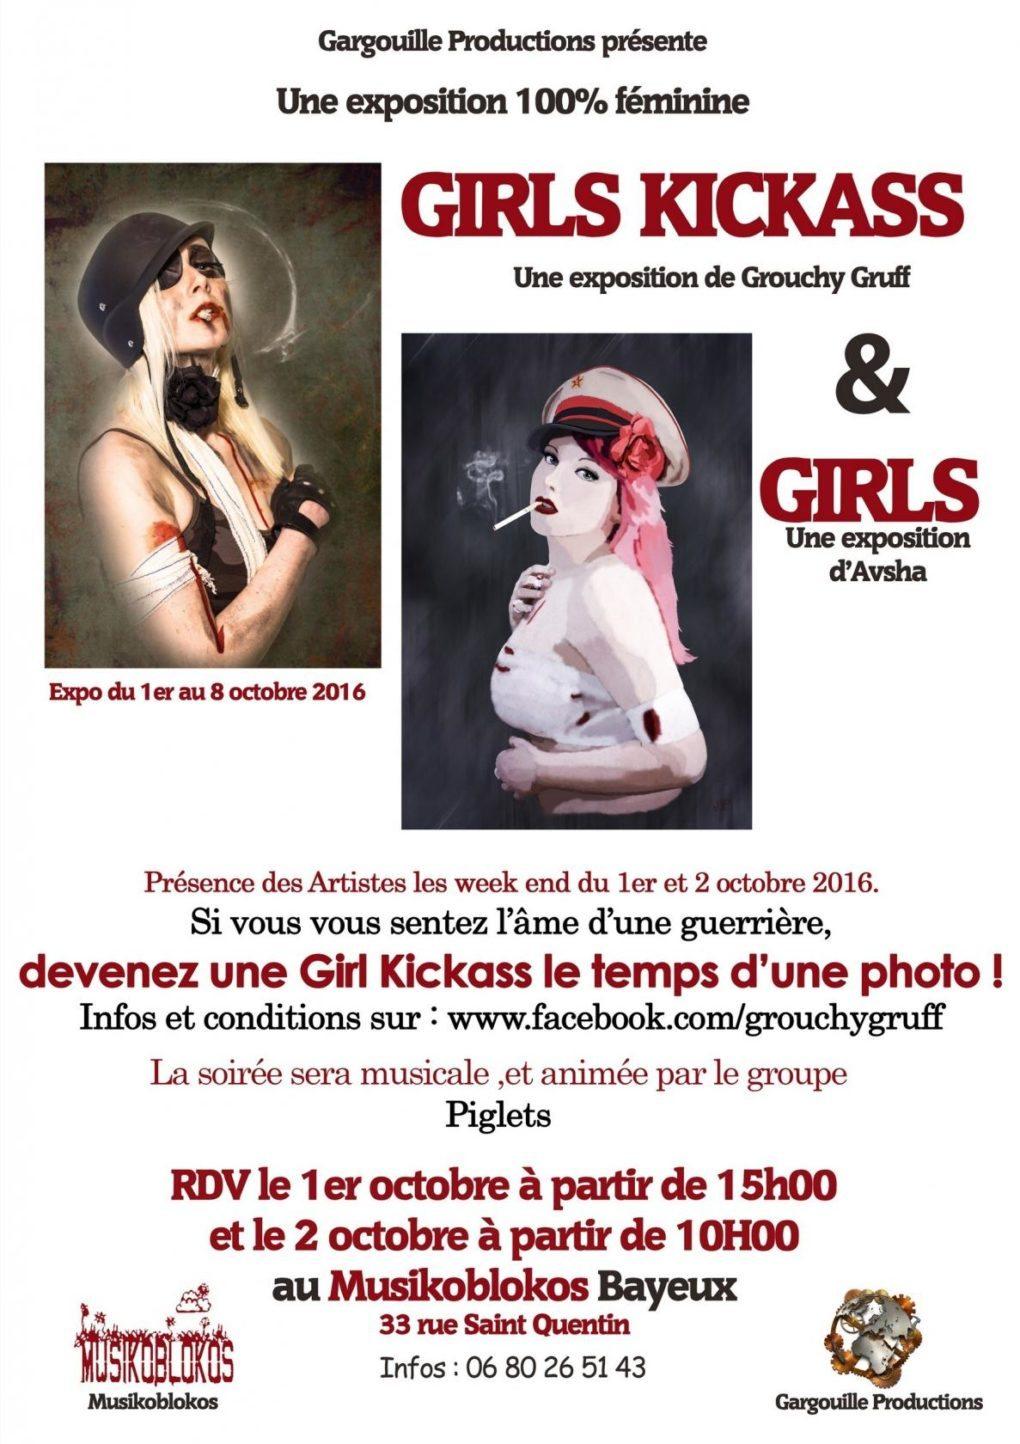 Girls Kickass par Grouchy Gruff Bayeux